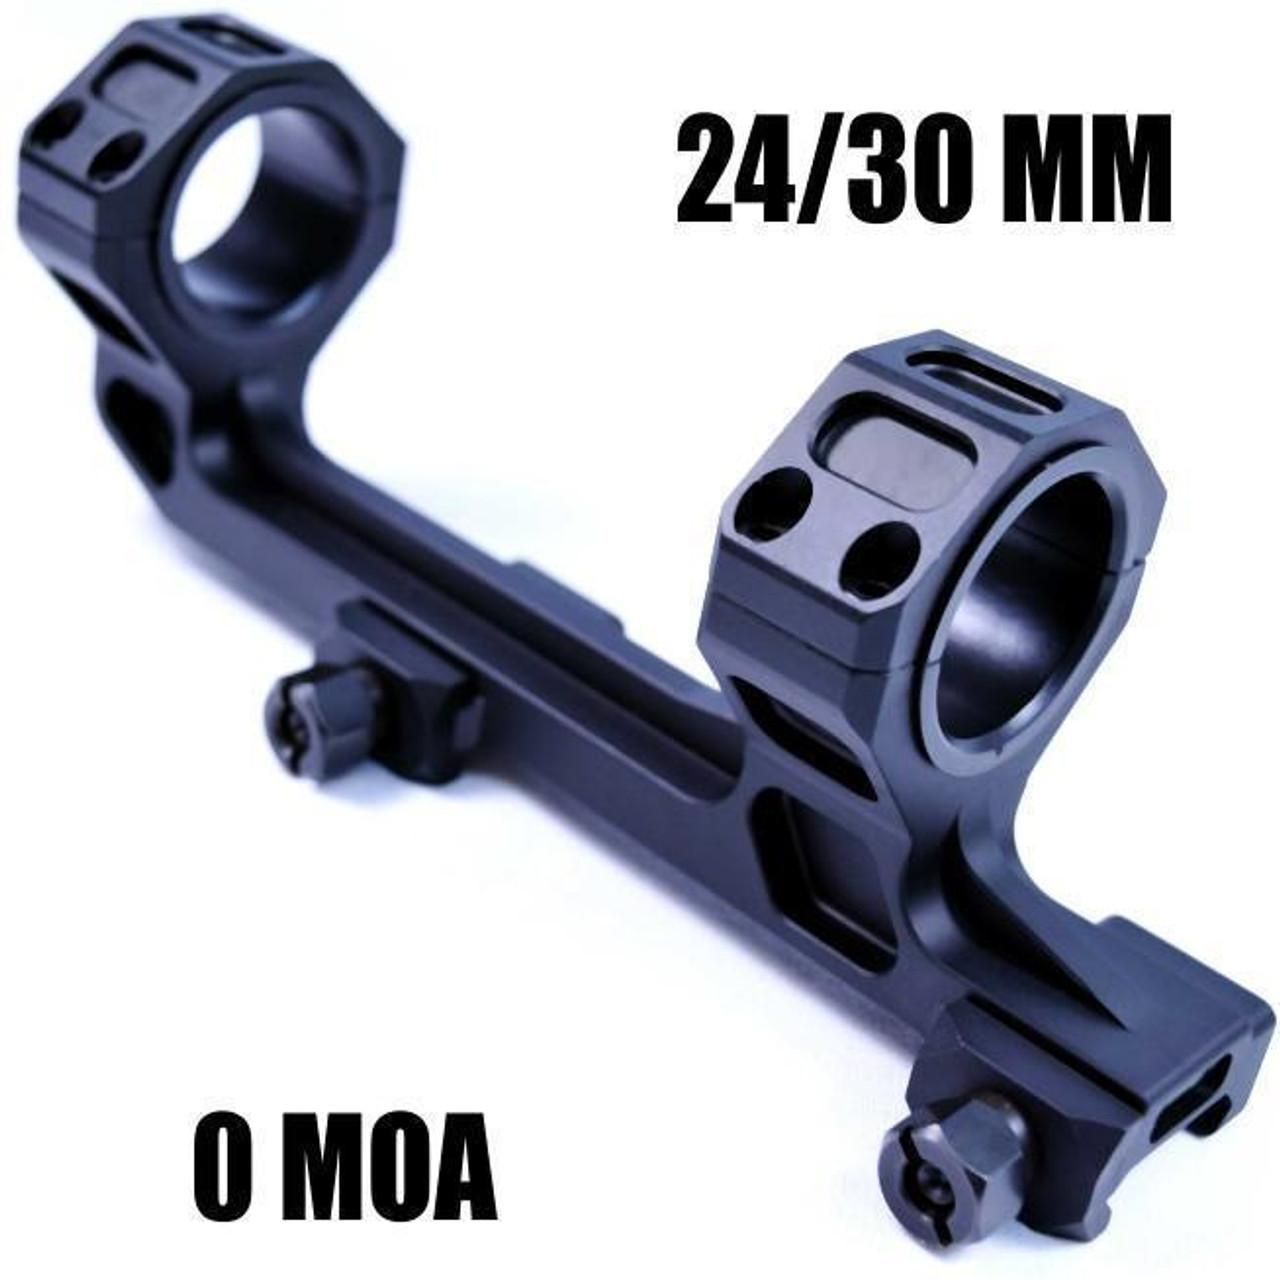 Cobratac Ultra Match Scope Mount   25/30MM 0 MOA